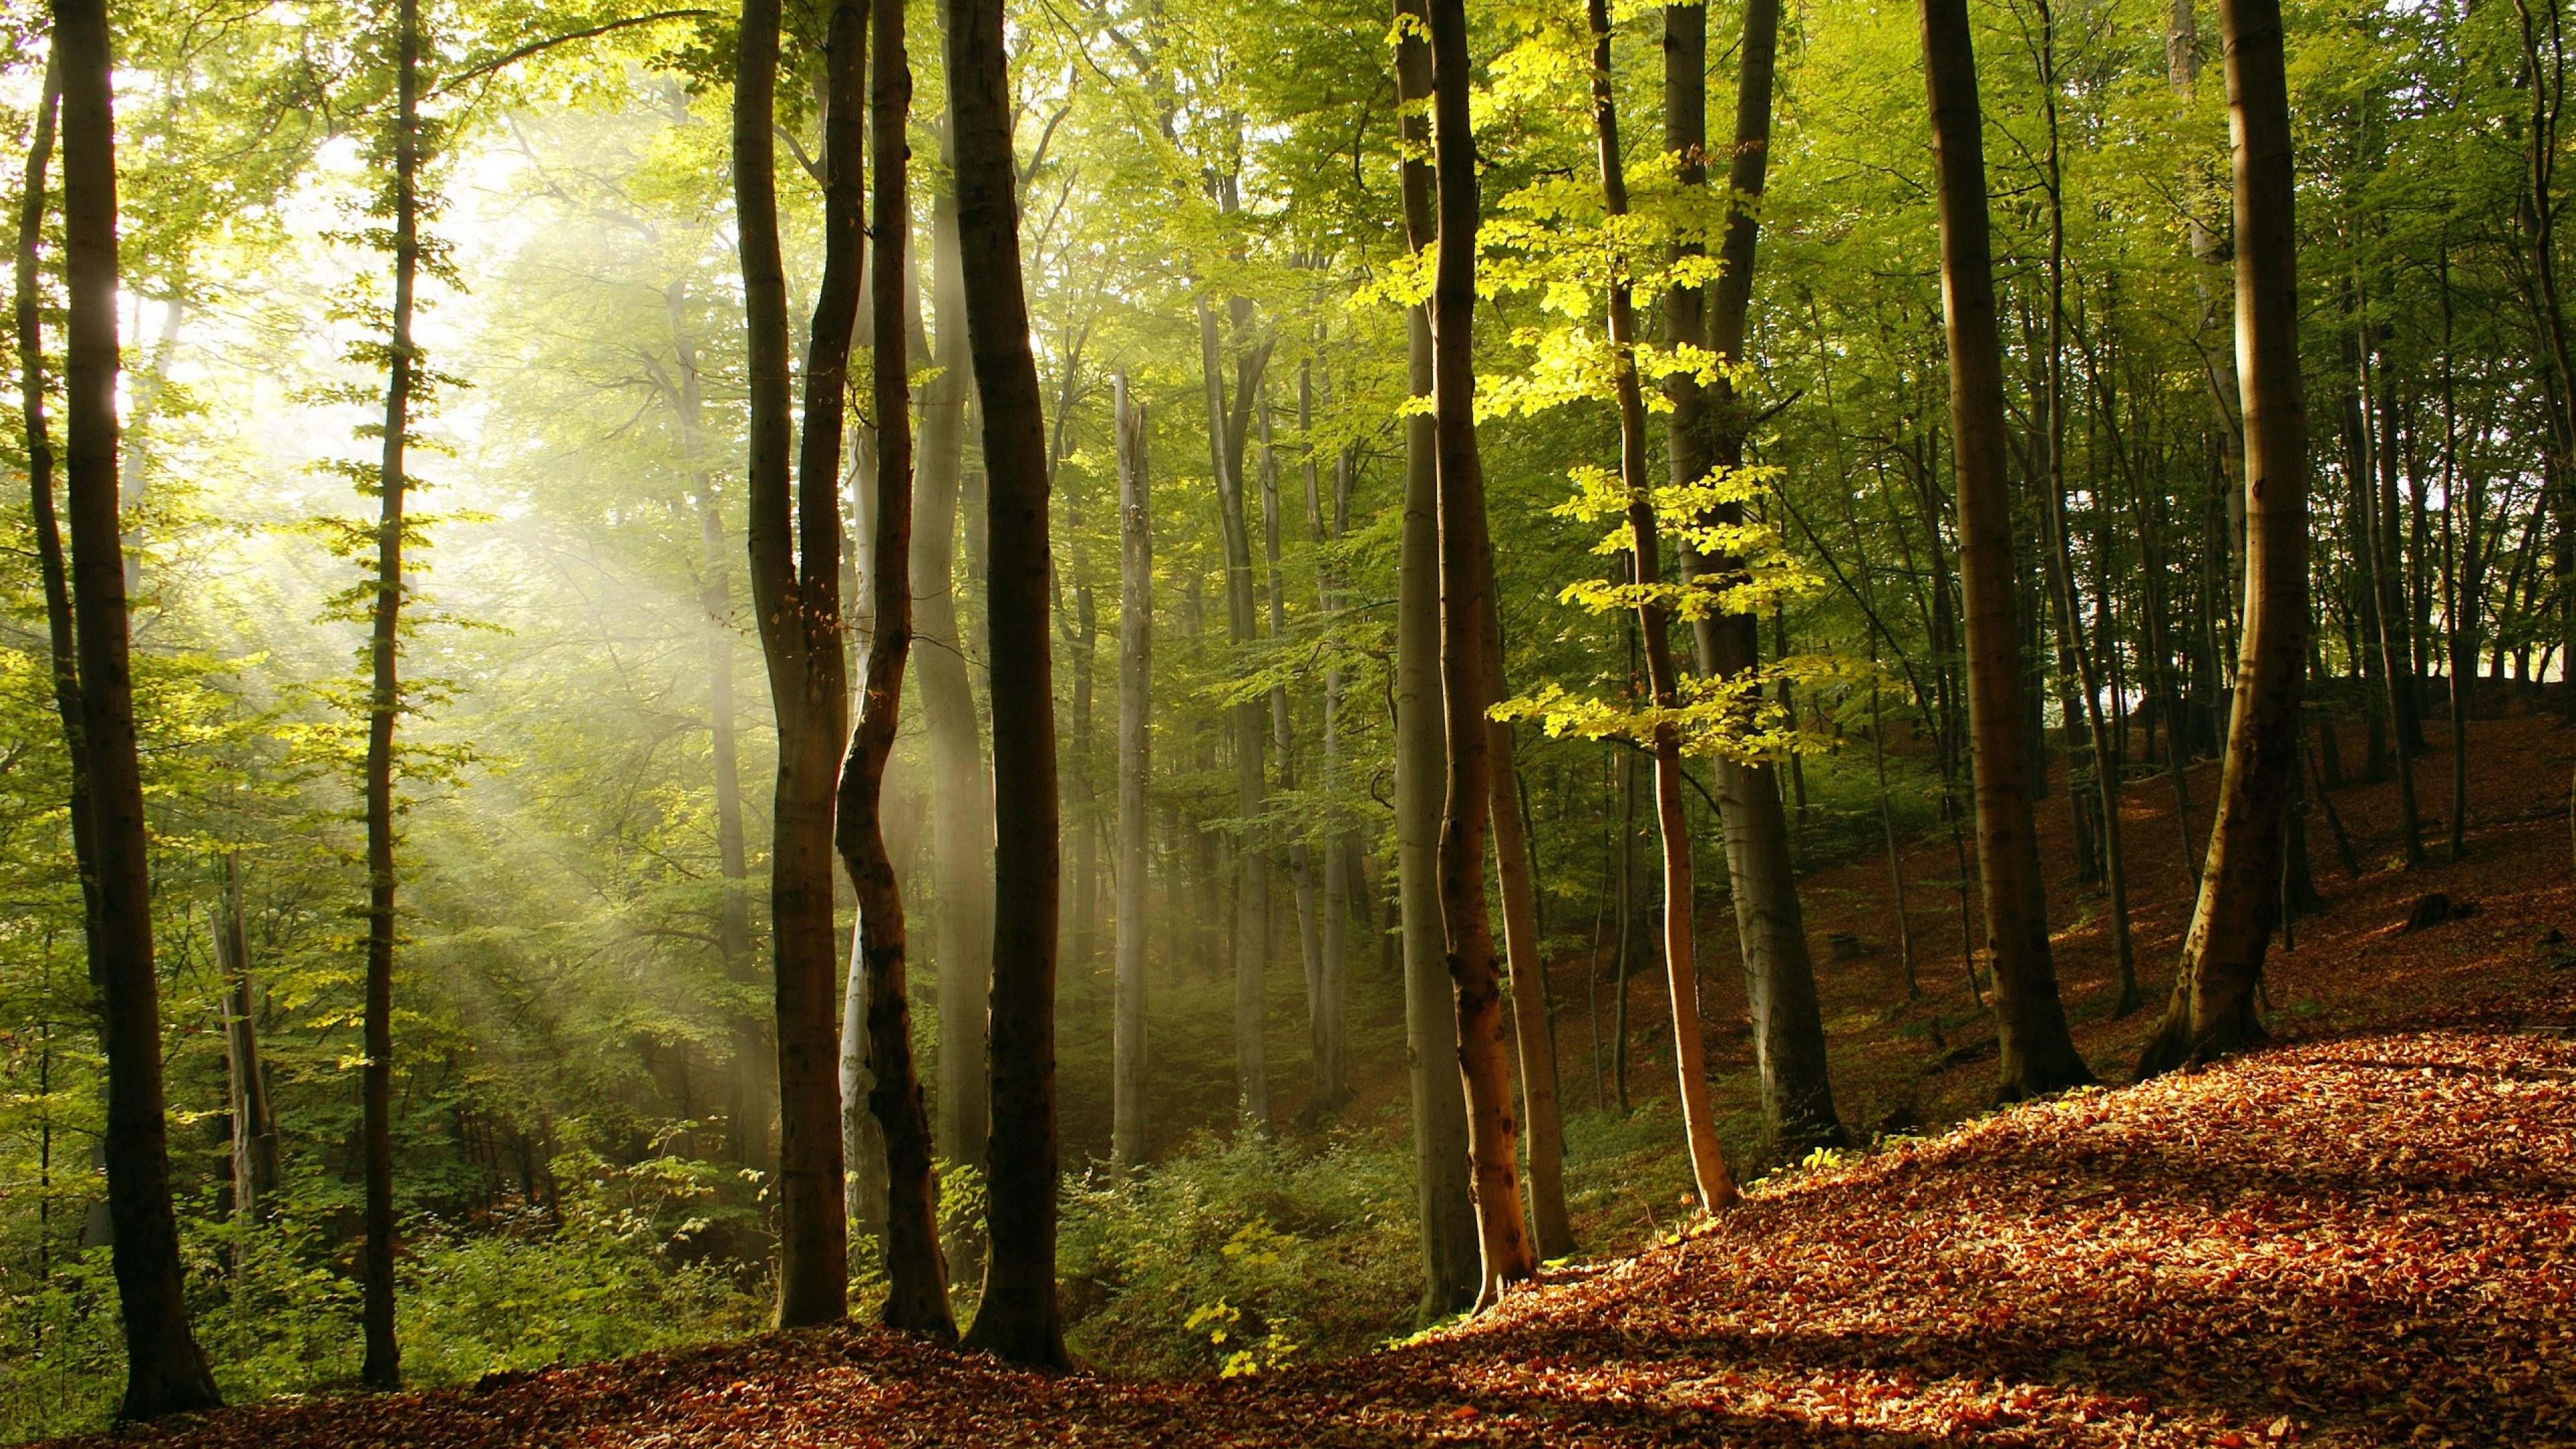 для многих качественные фотографии российского леса комплекту расширителей